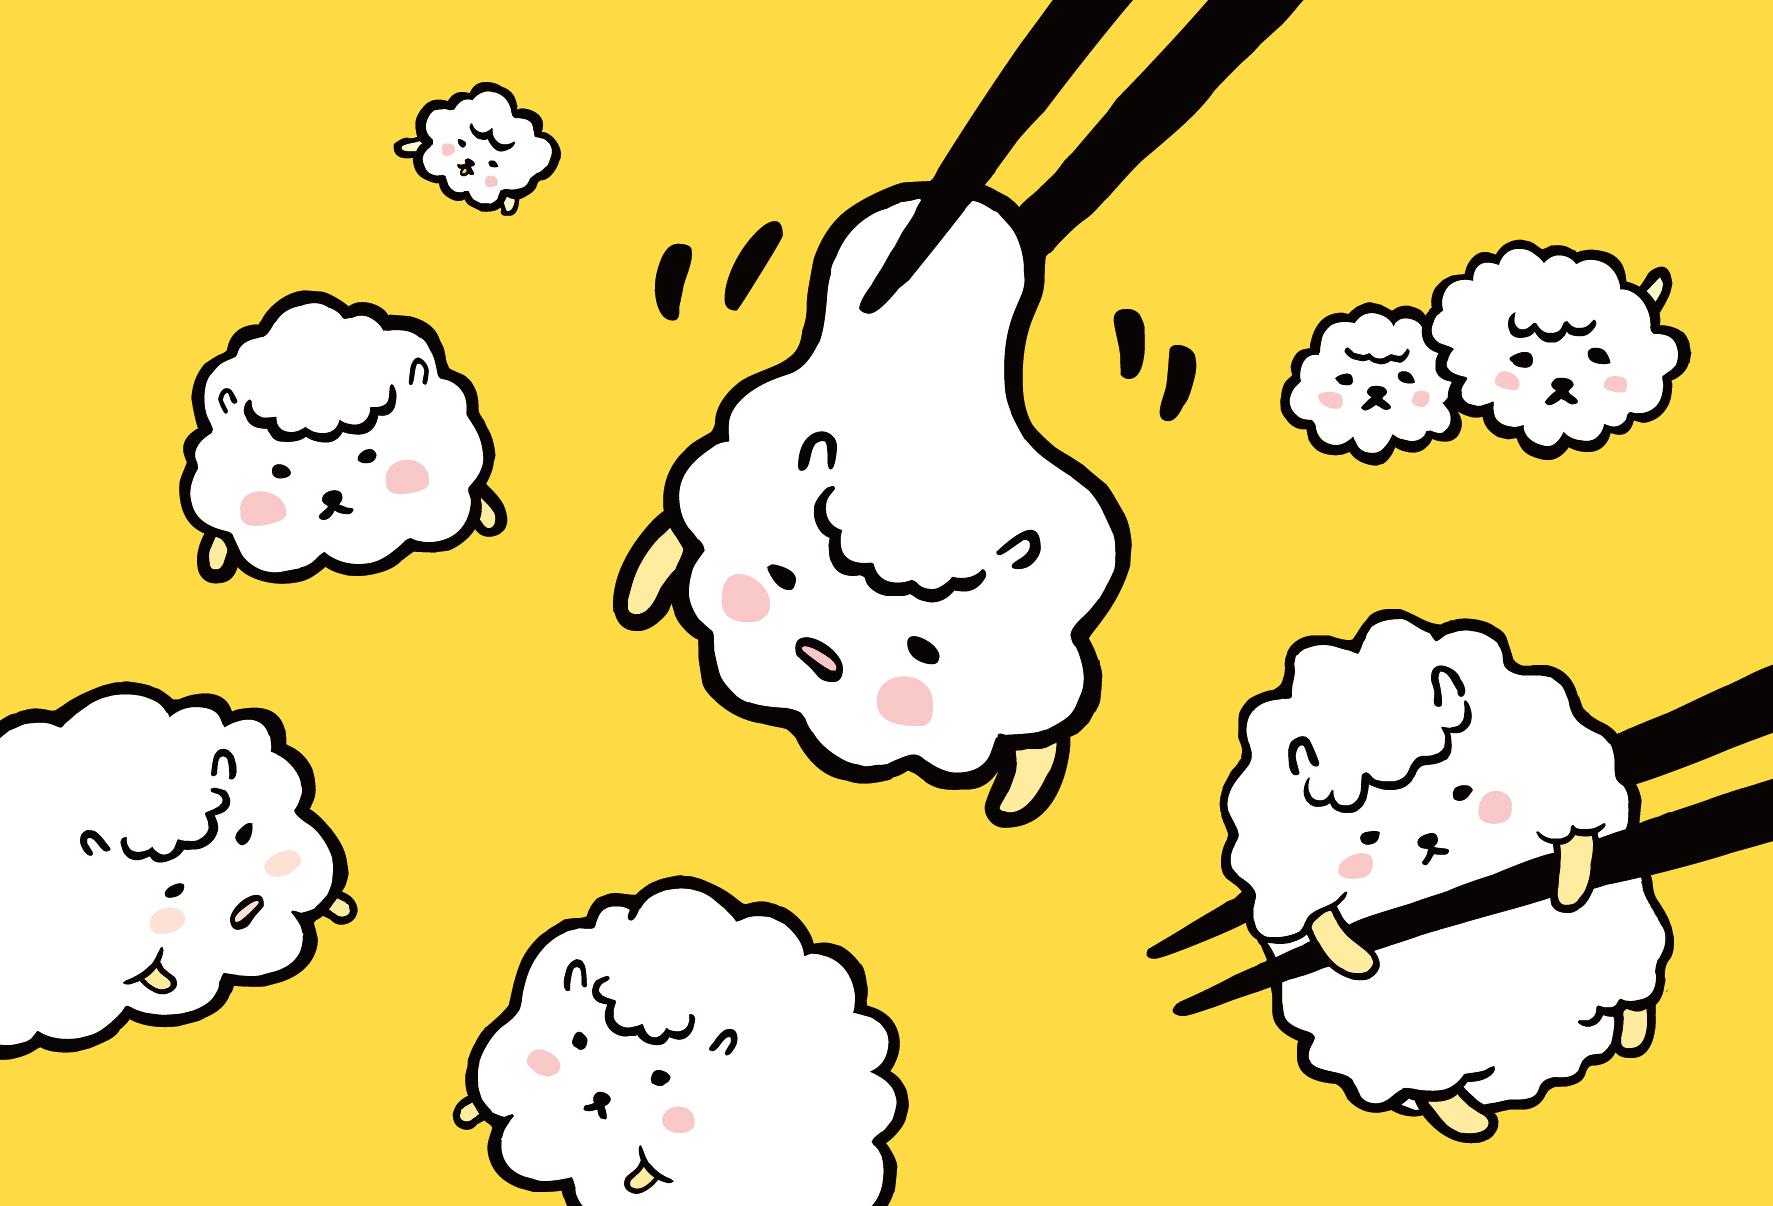 明信片100x148mm_sheep_04-01-01.jpg